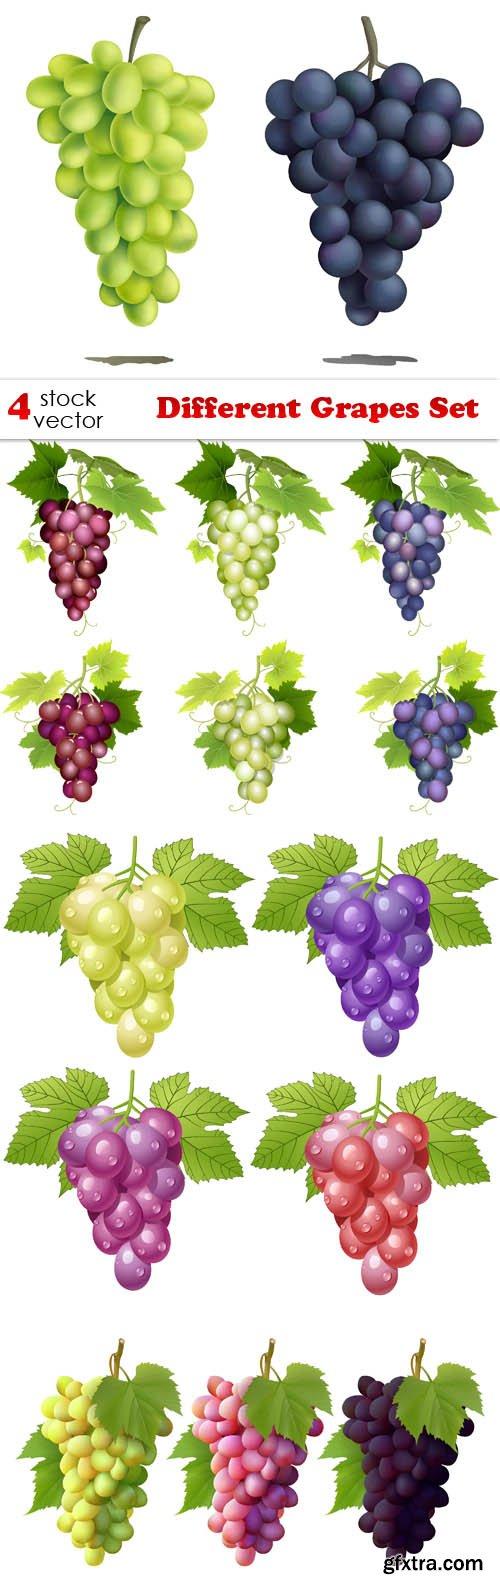 Vectors - Different Grapes Set